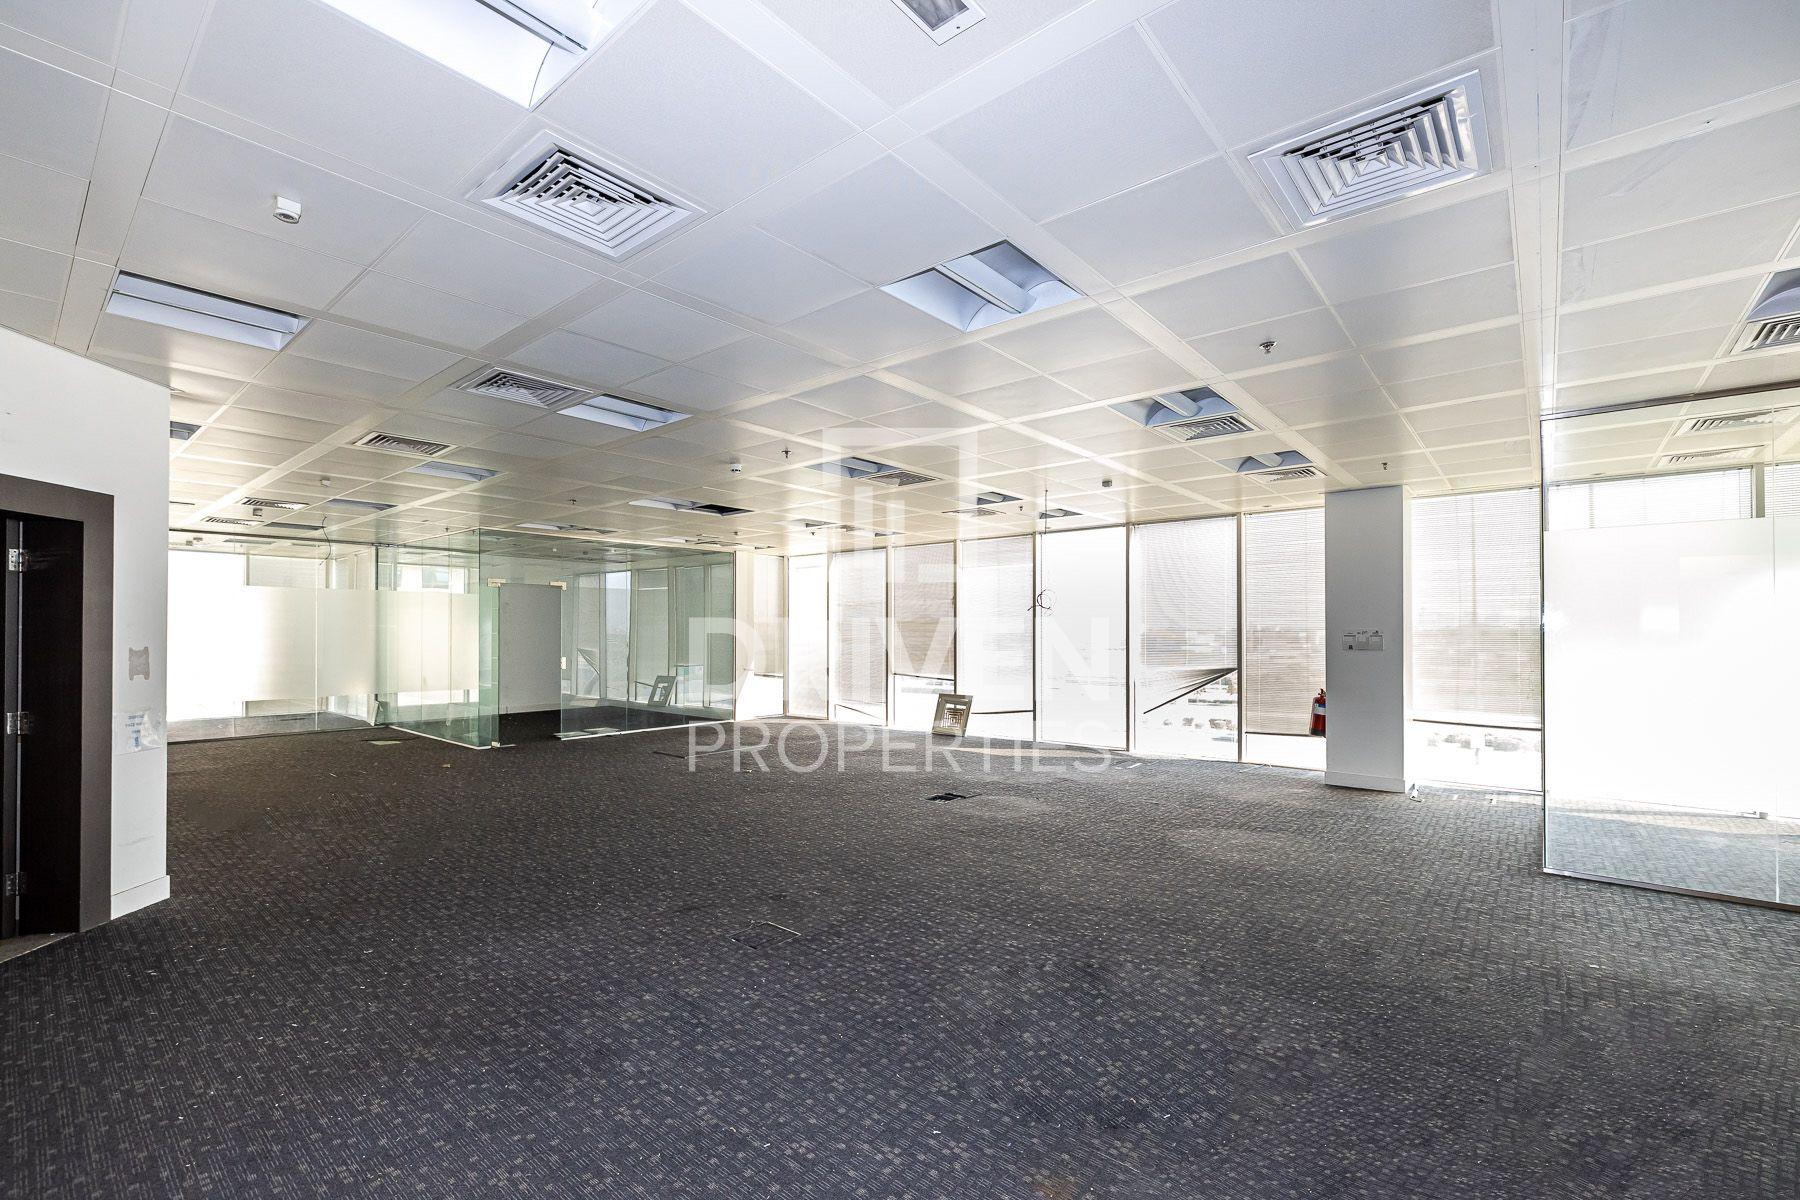 3,177 قدم مربع  مكتب - للايجار - بر دبي